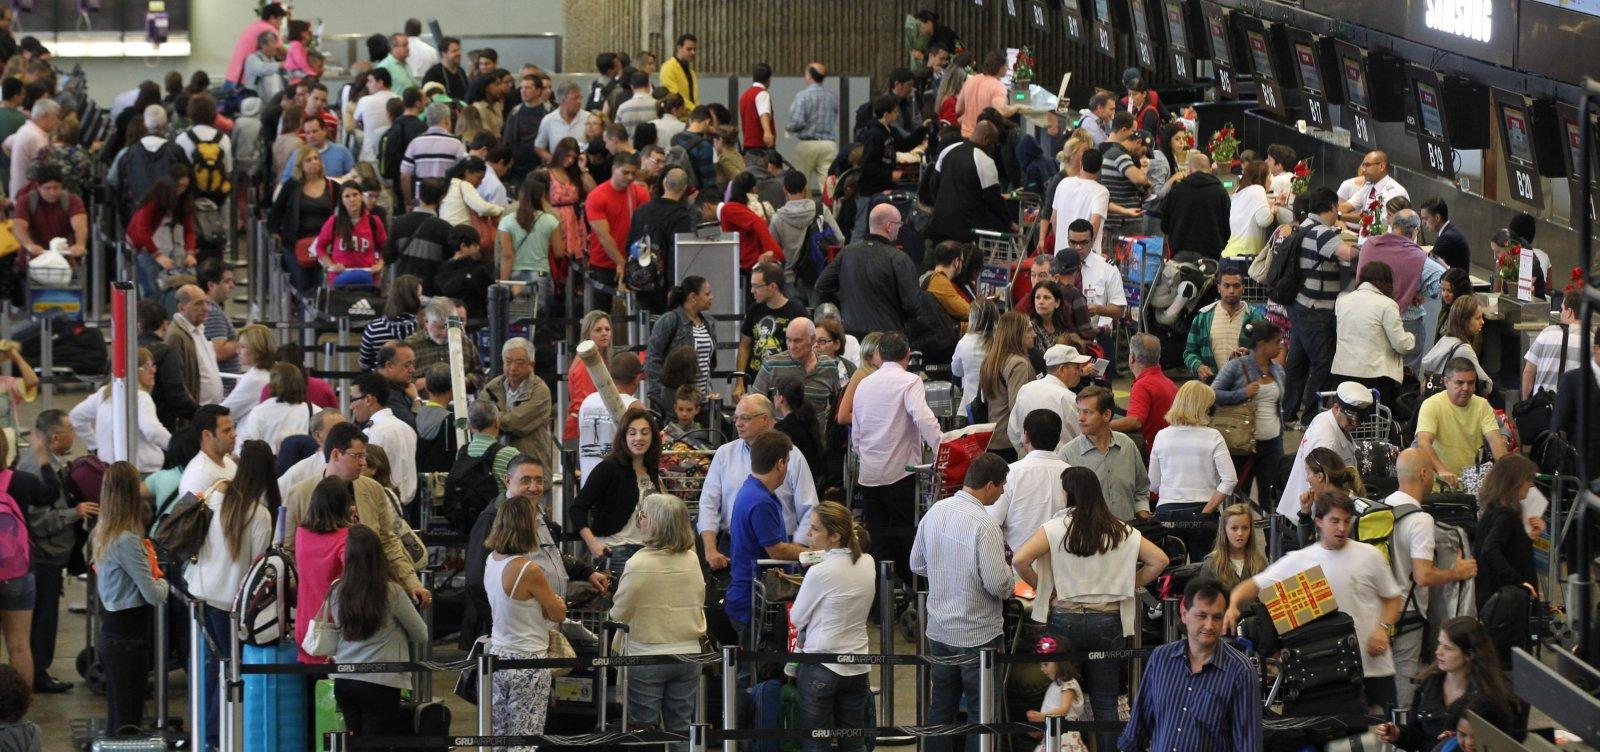 [Gastos com viagens ao exterior caem 30,7% em setembro]